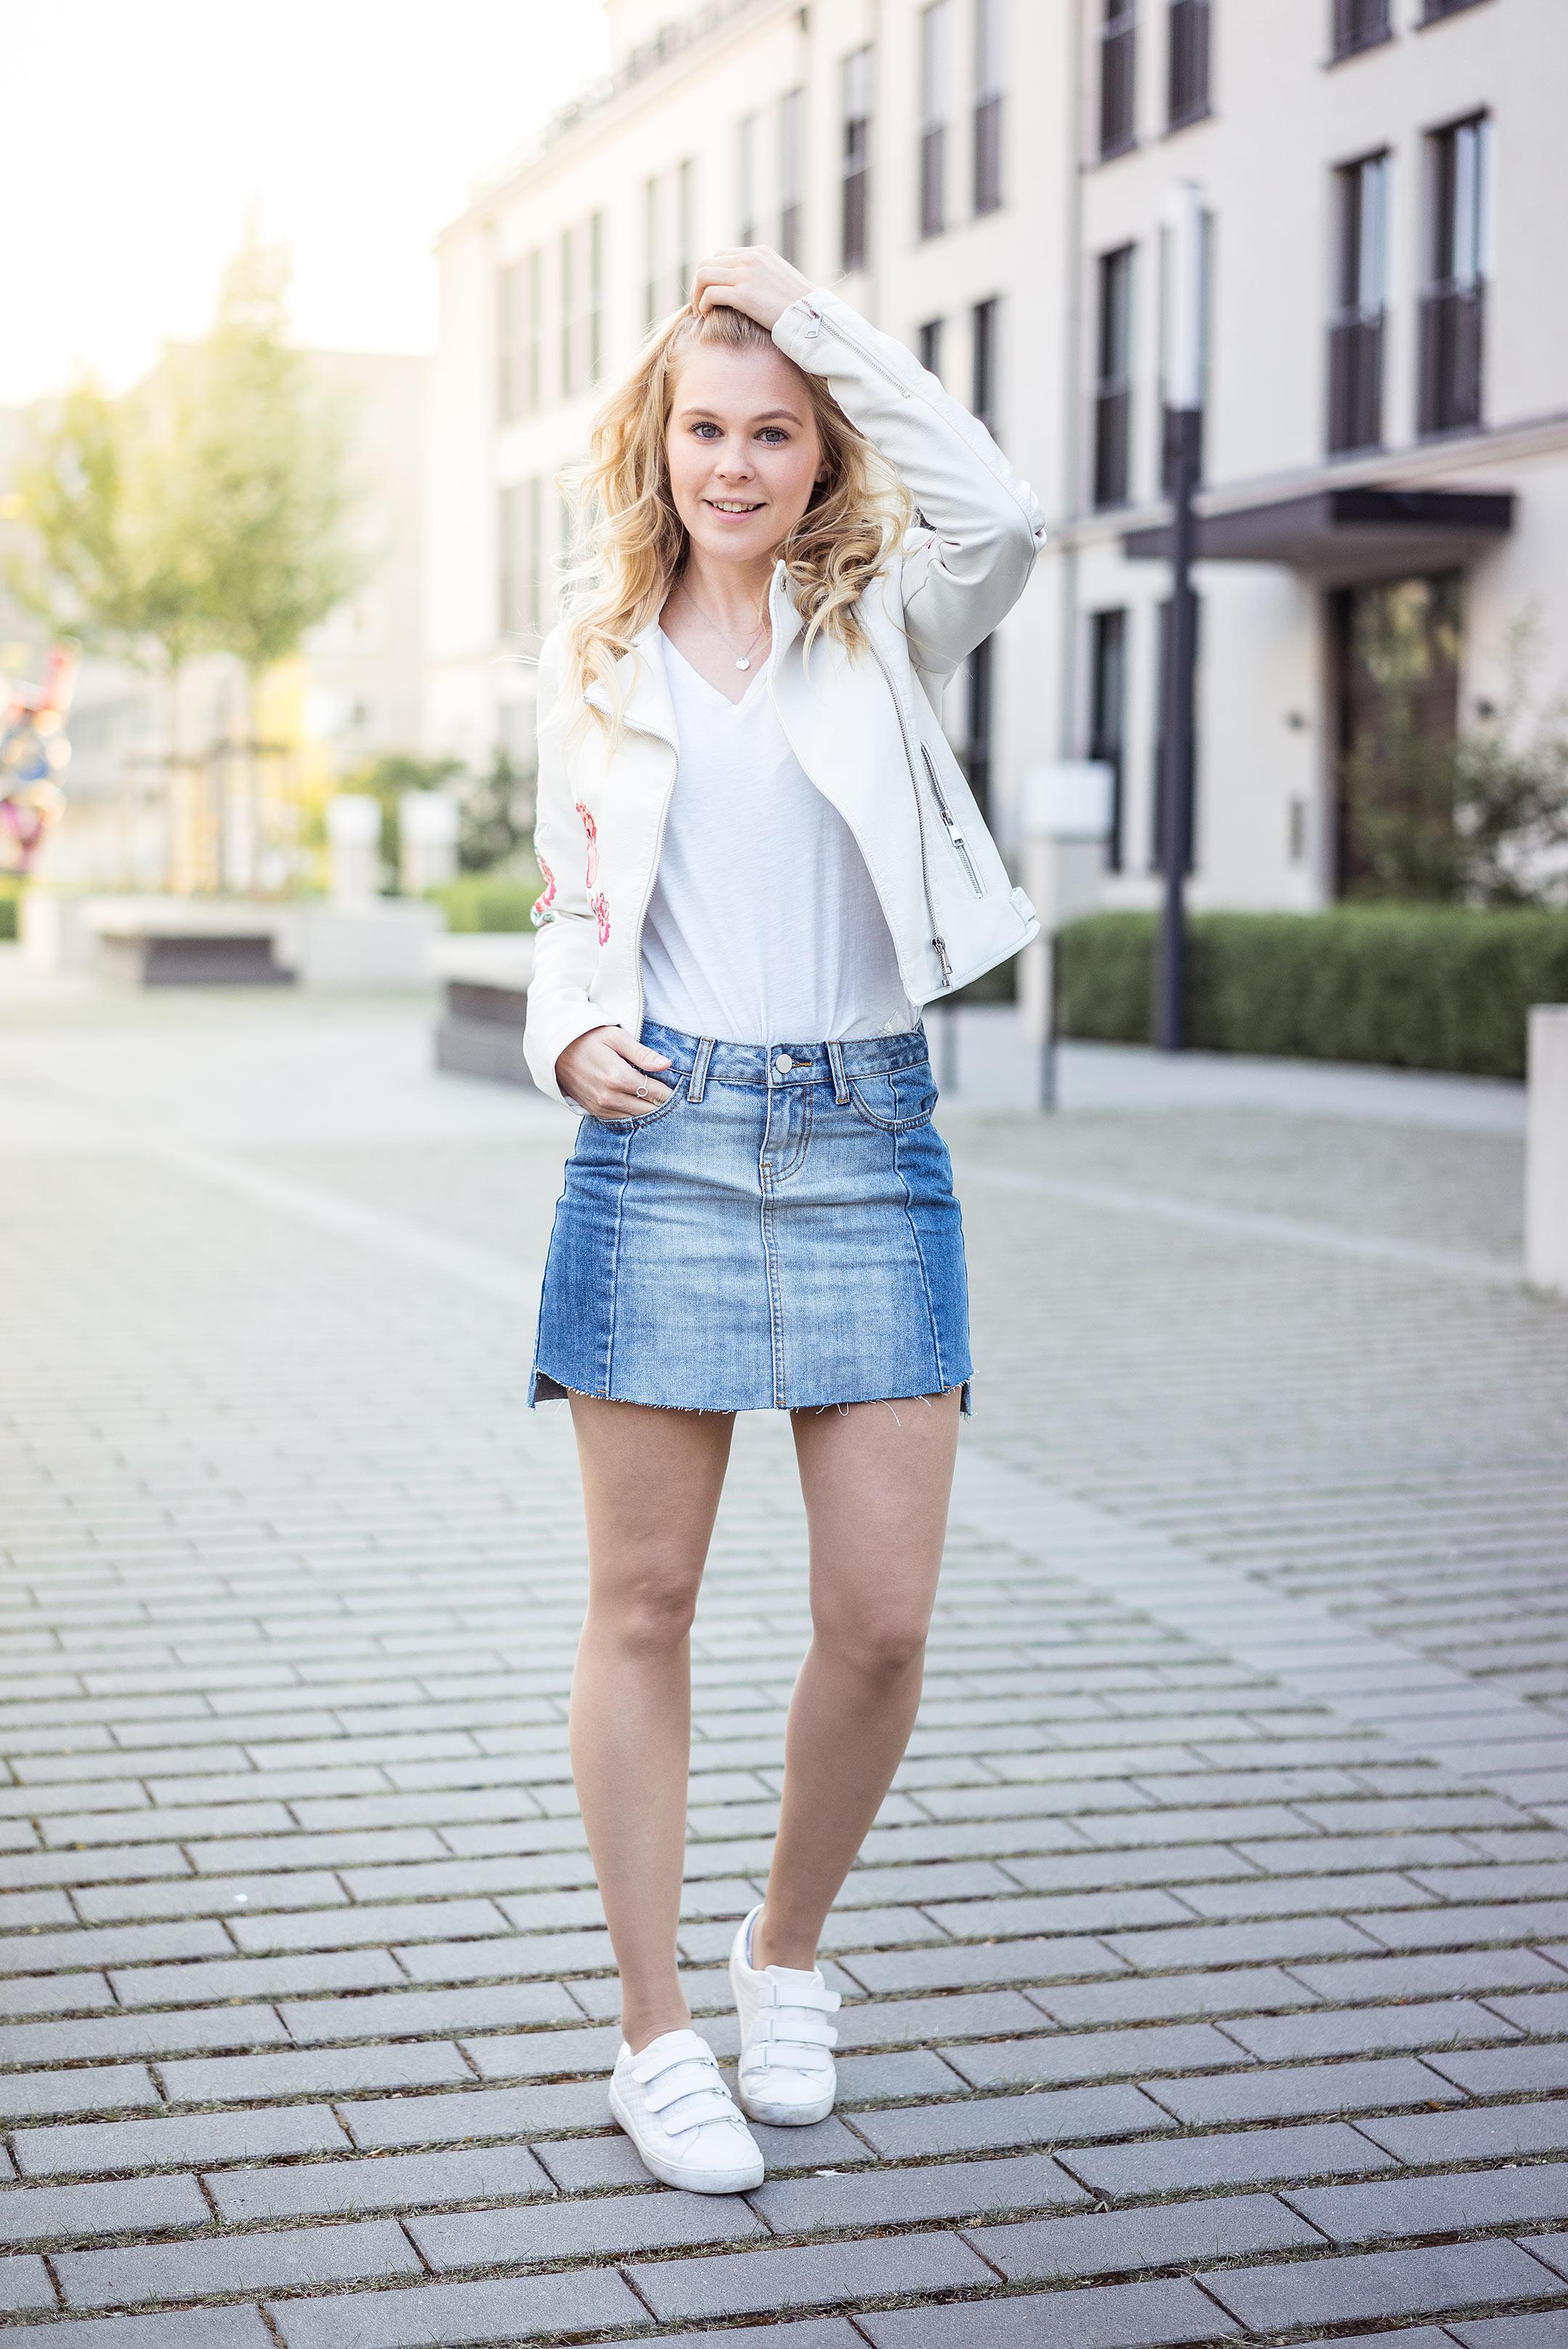 Vokuhila Jeansrock Lederjacke Sunnyinga Outfit Fashionblog Düsseldorf